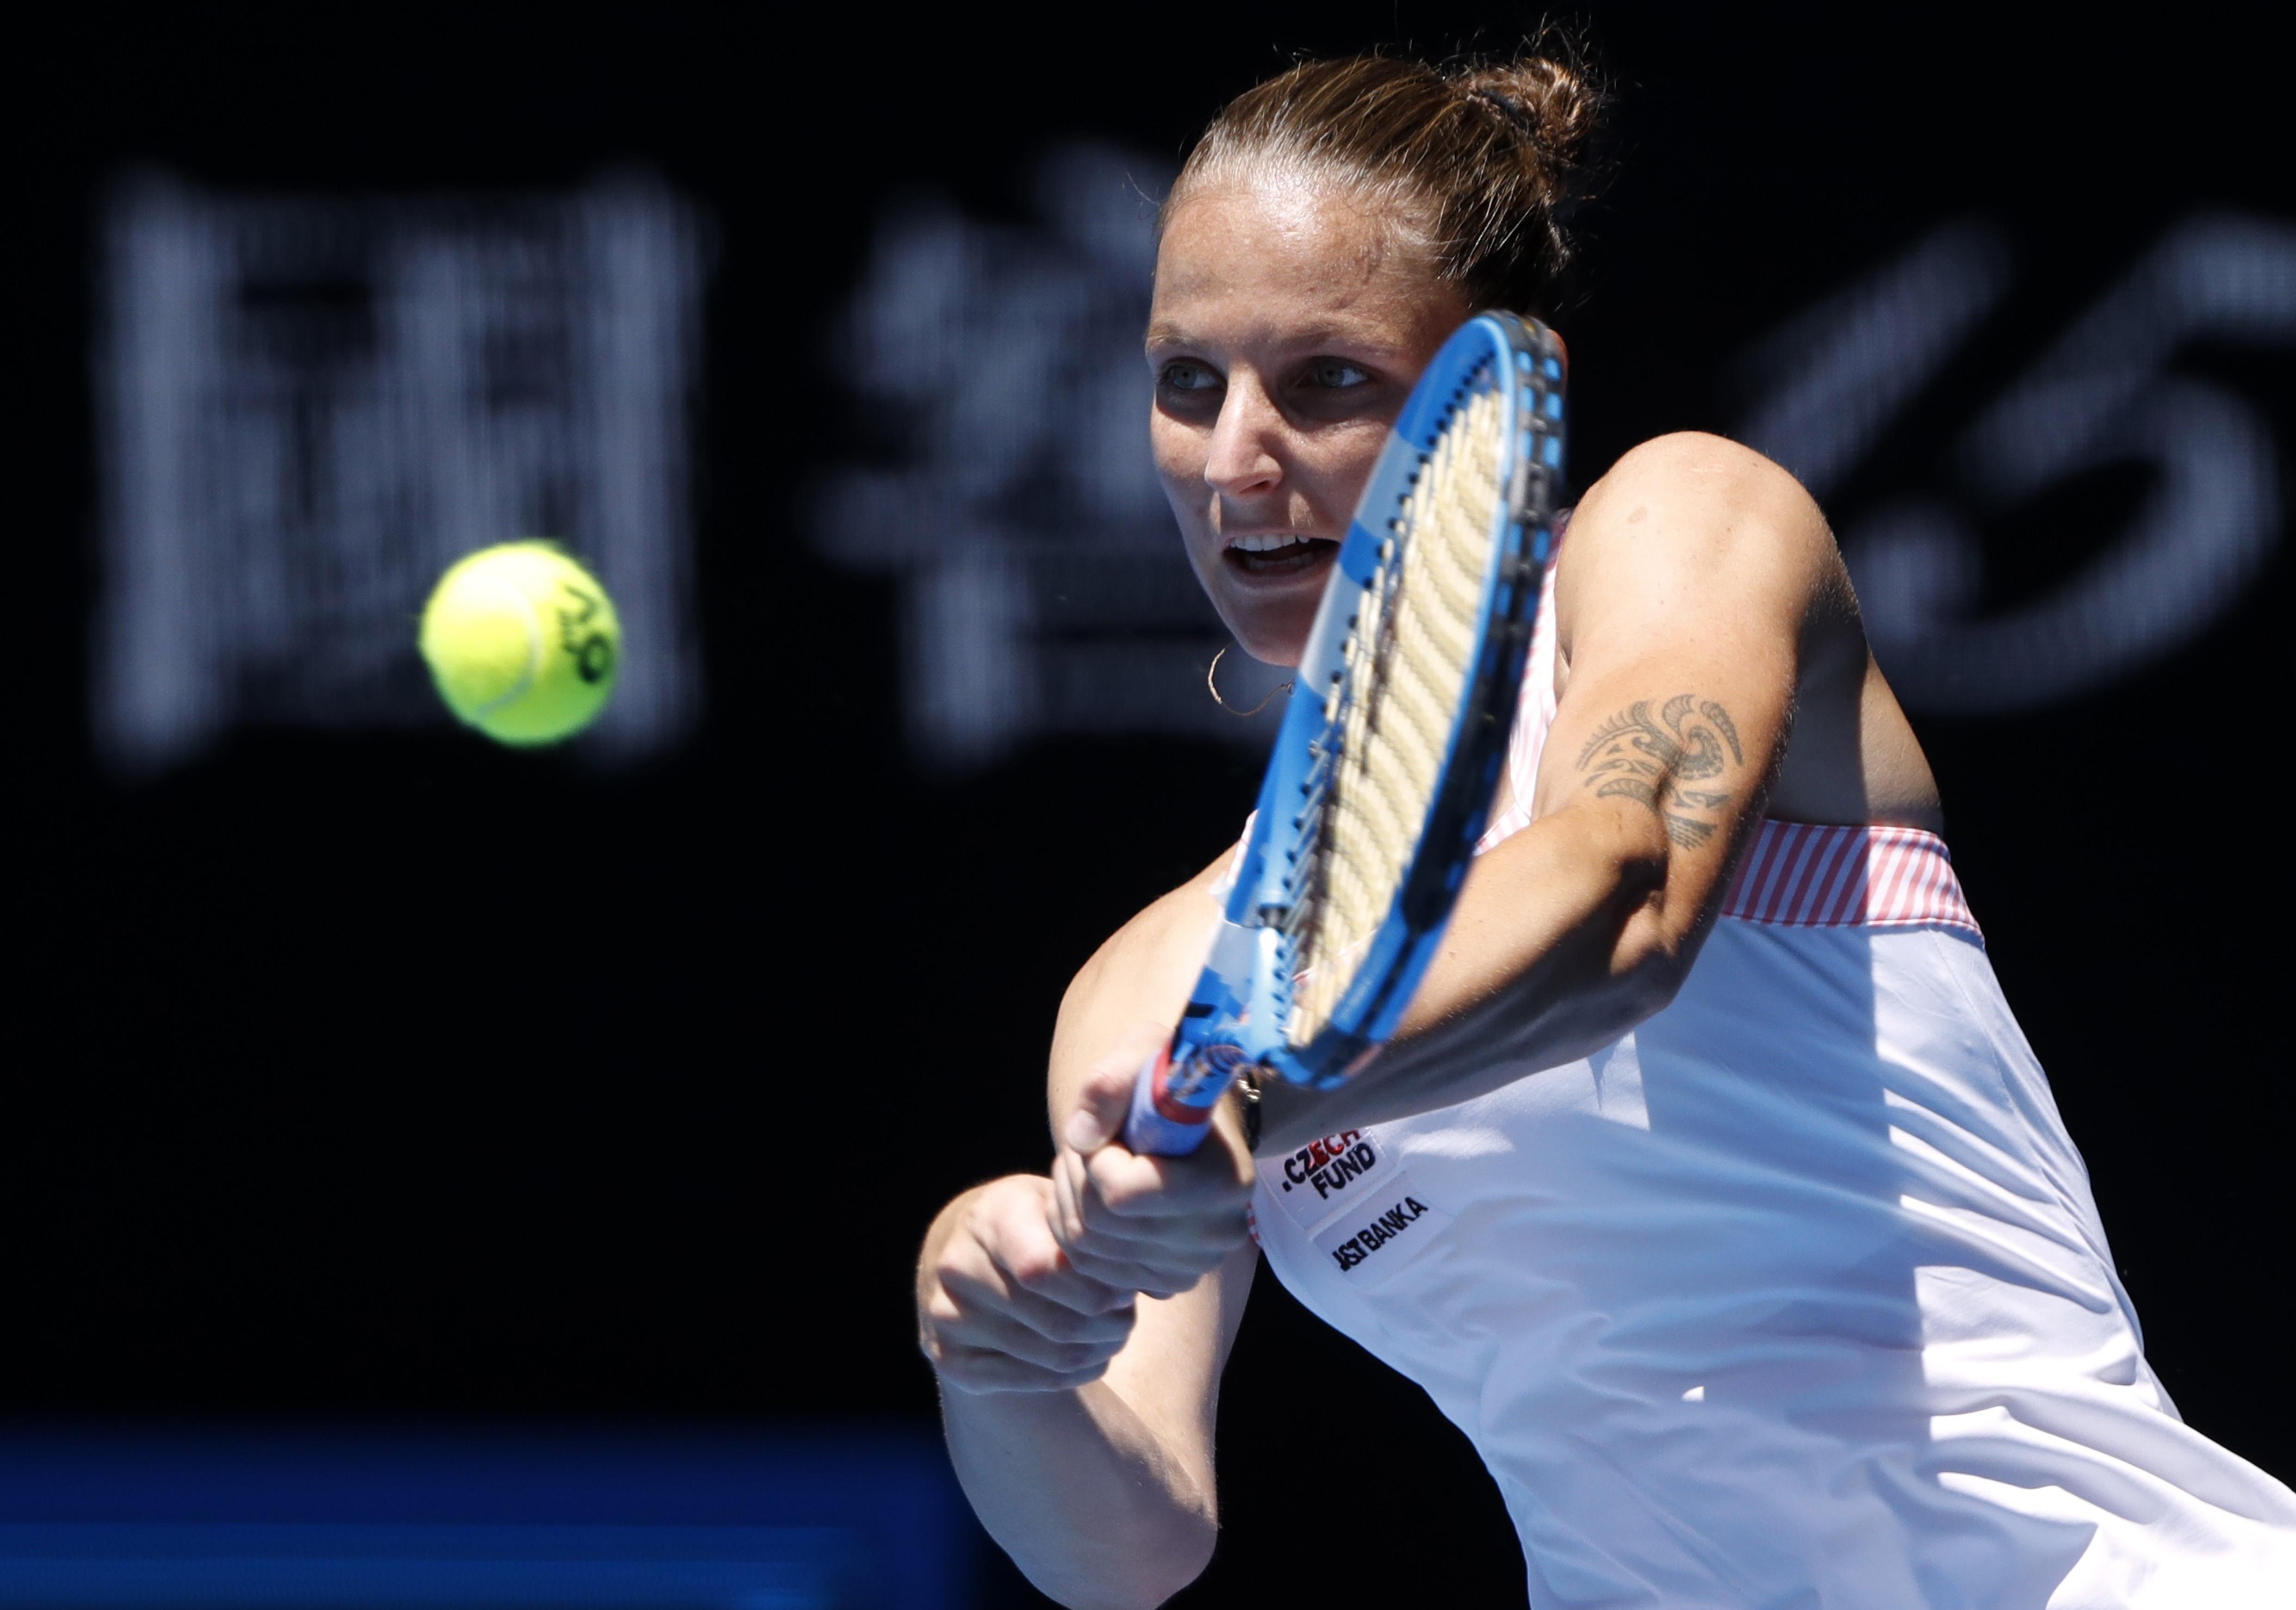 A tcheca Karolina Pliskova devolve a bola para Serena Williams